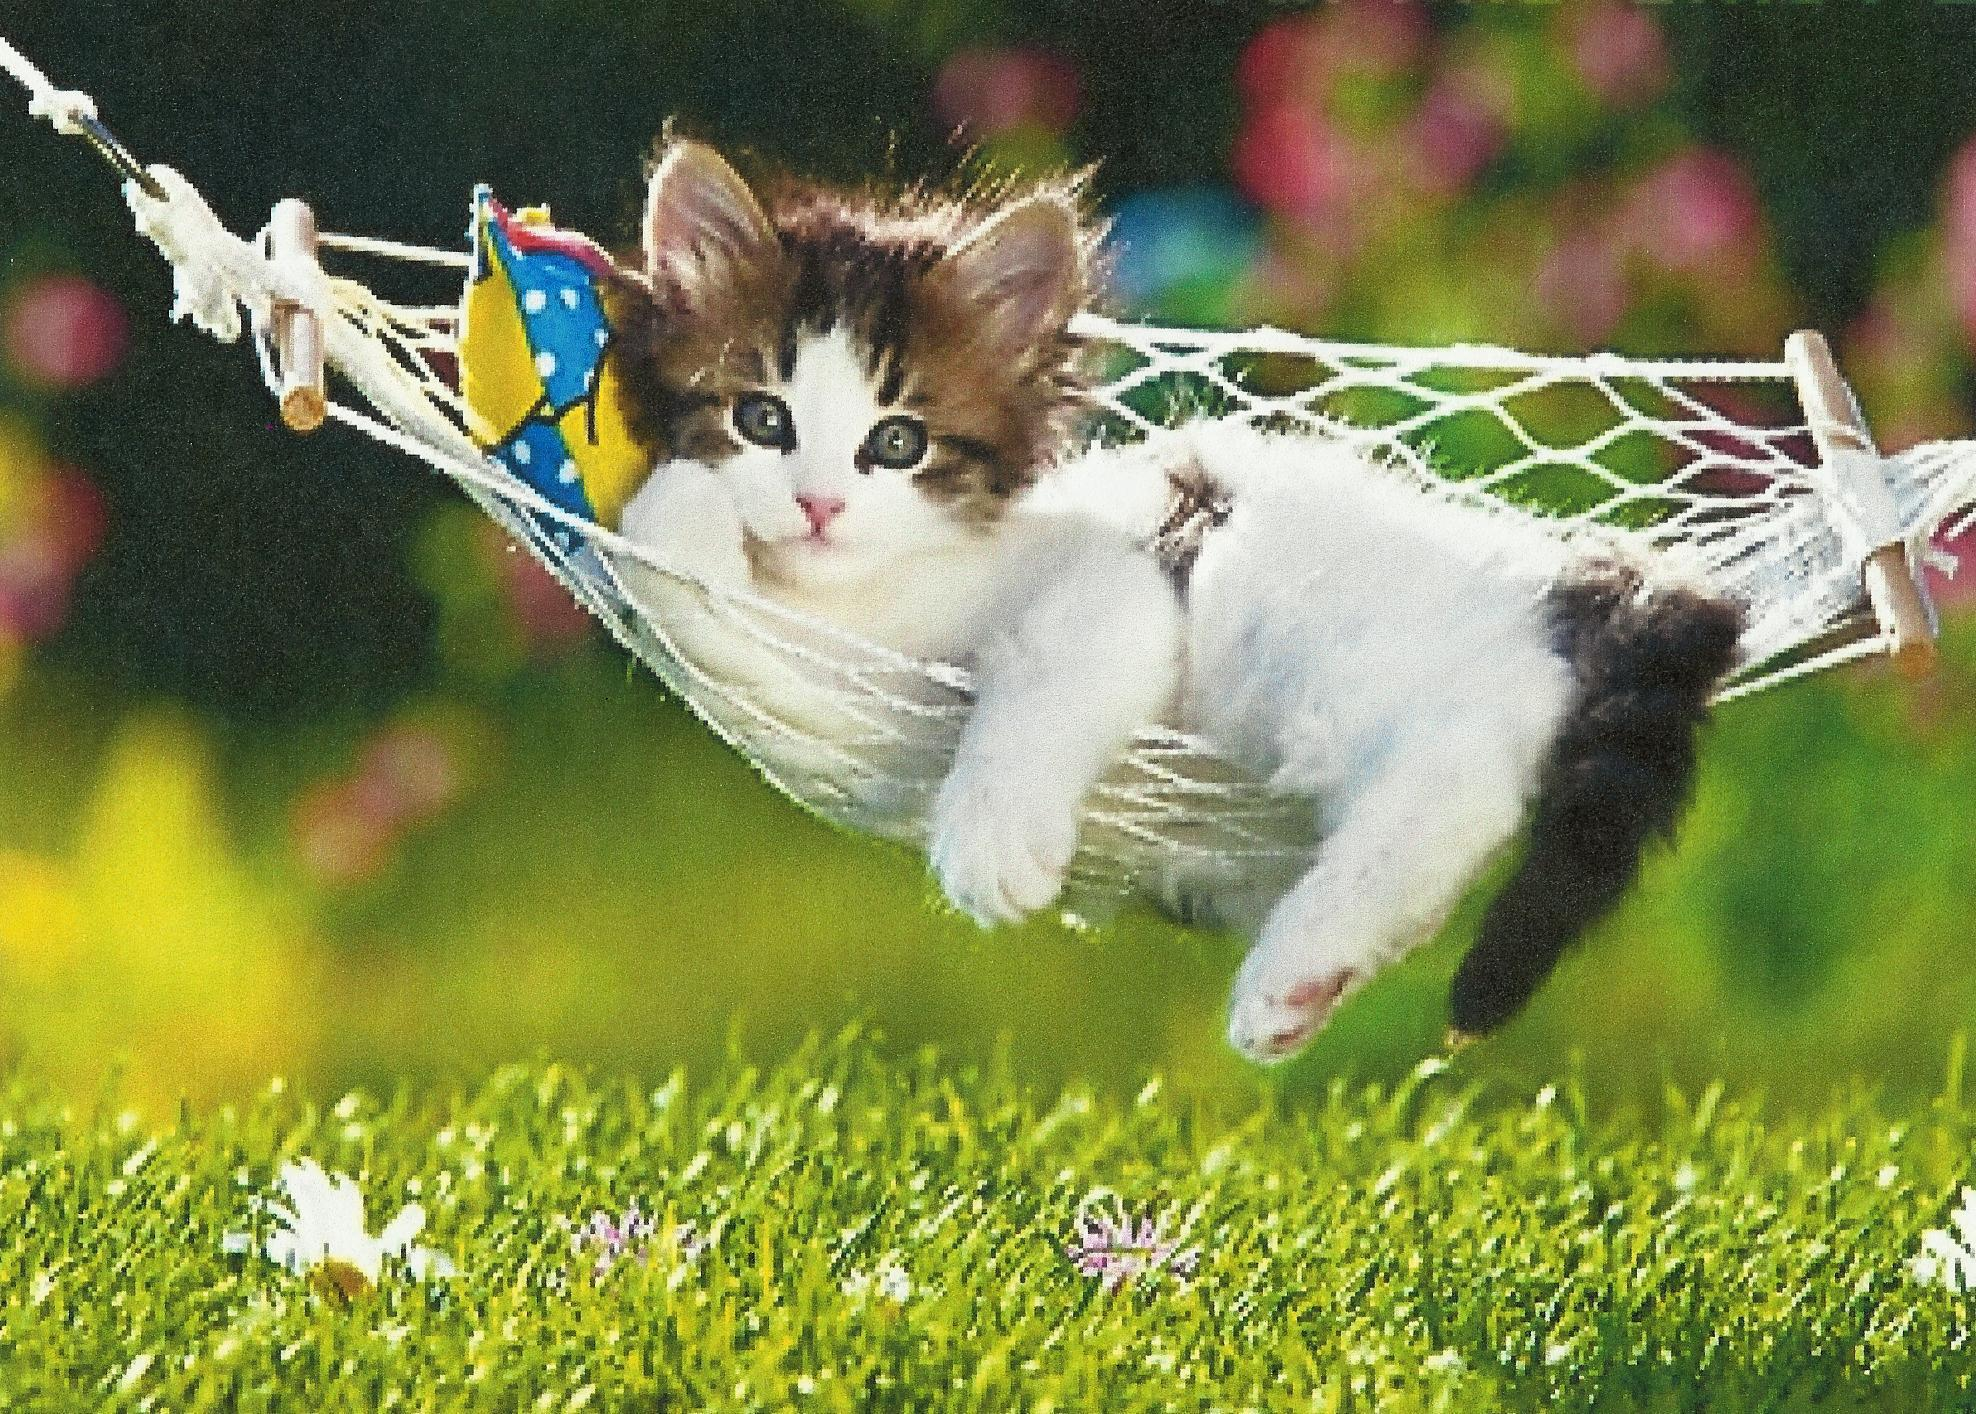 Cute Baby Attitude Wallpaper A Kitten Hd Desktop Wallpaper Widescreen High